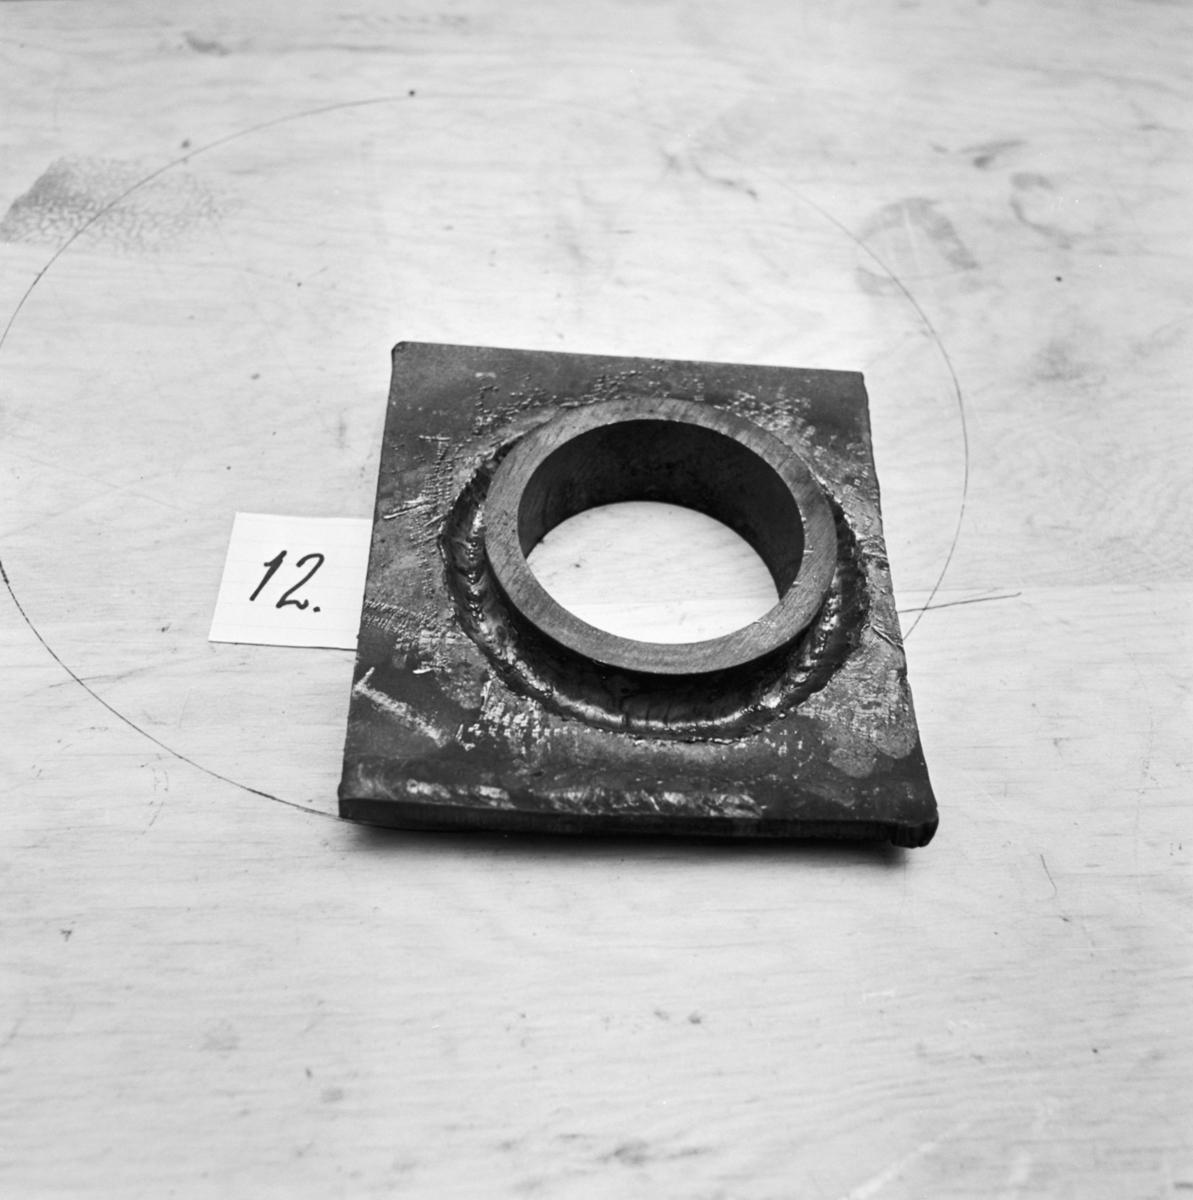 Övrigt: Foto datum: 6/7 1966 Byggnader och kranar Prov för stycksvetsning